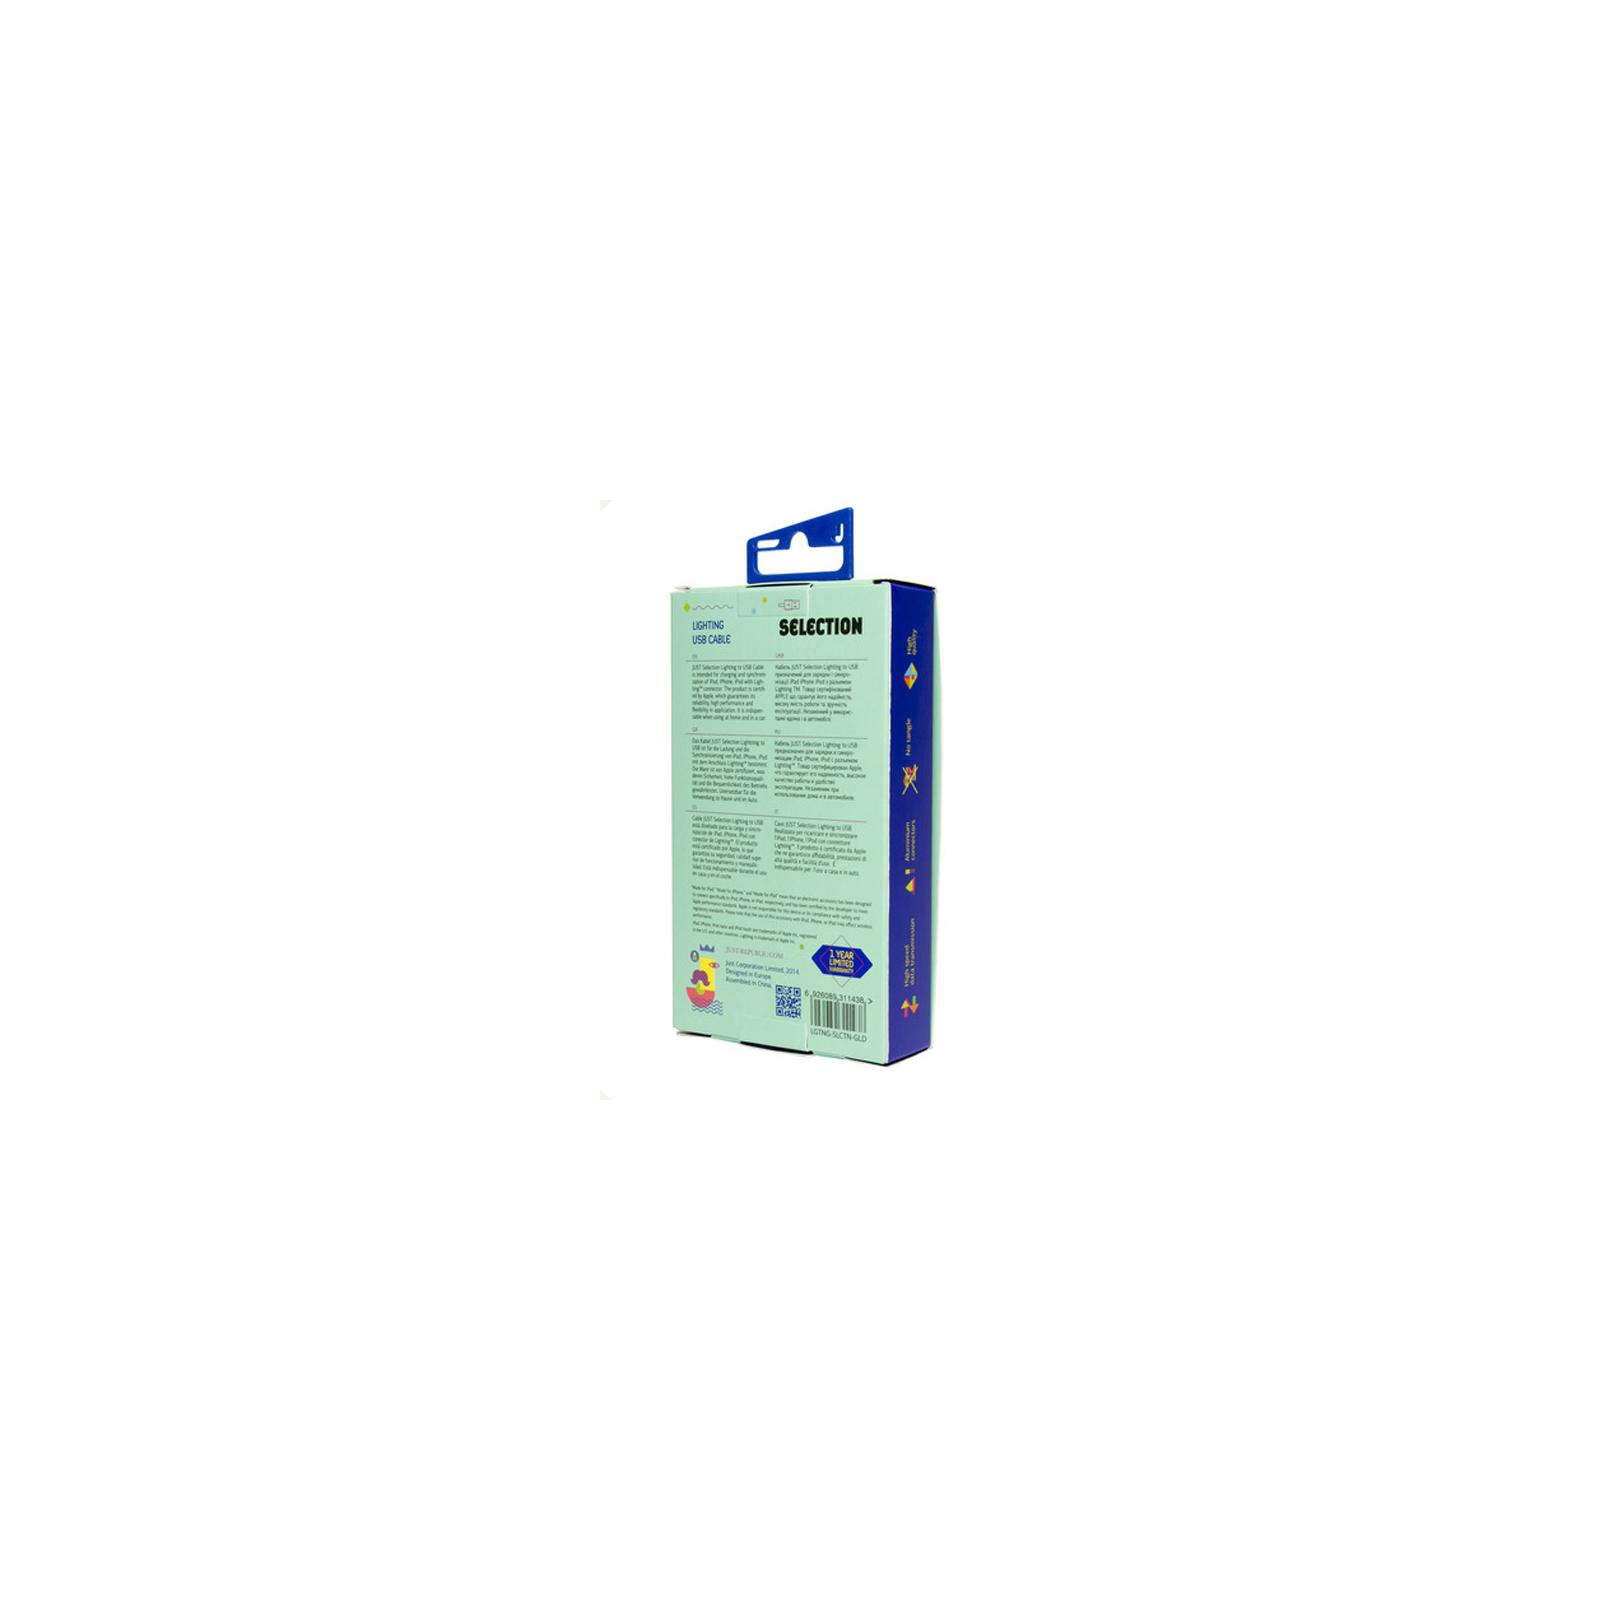 Дата кабель JUST Selection Lightning USB Cable Grey (LGTNG-SLCN-GR) изображение 5